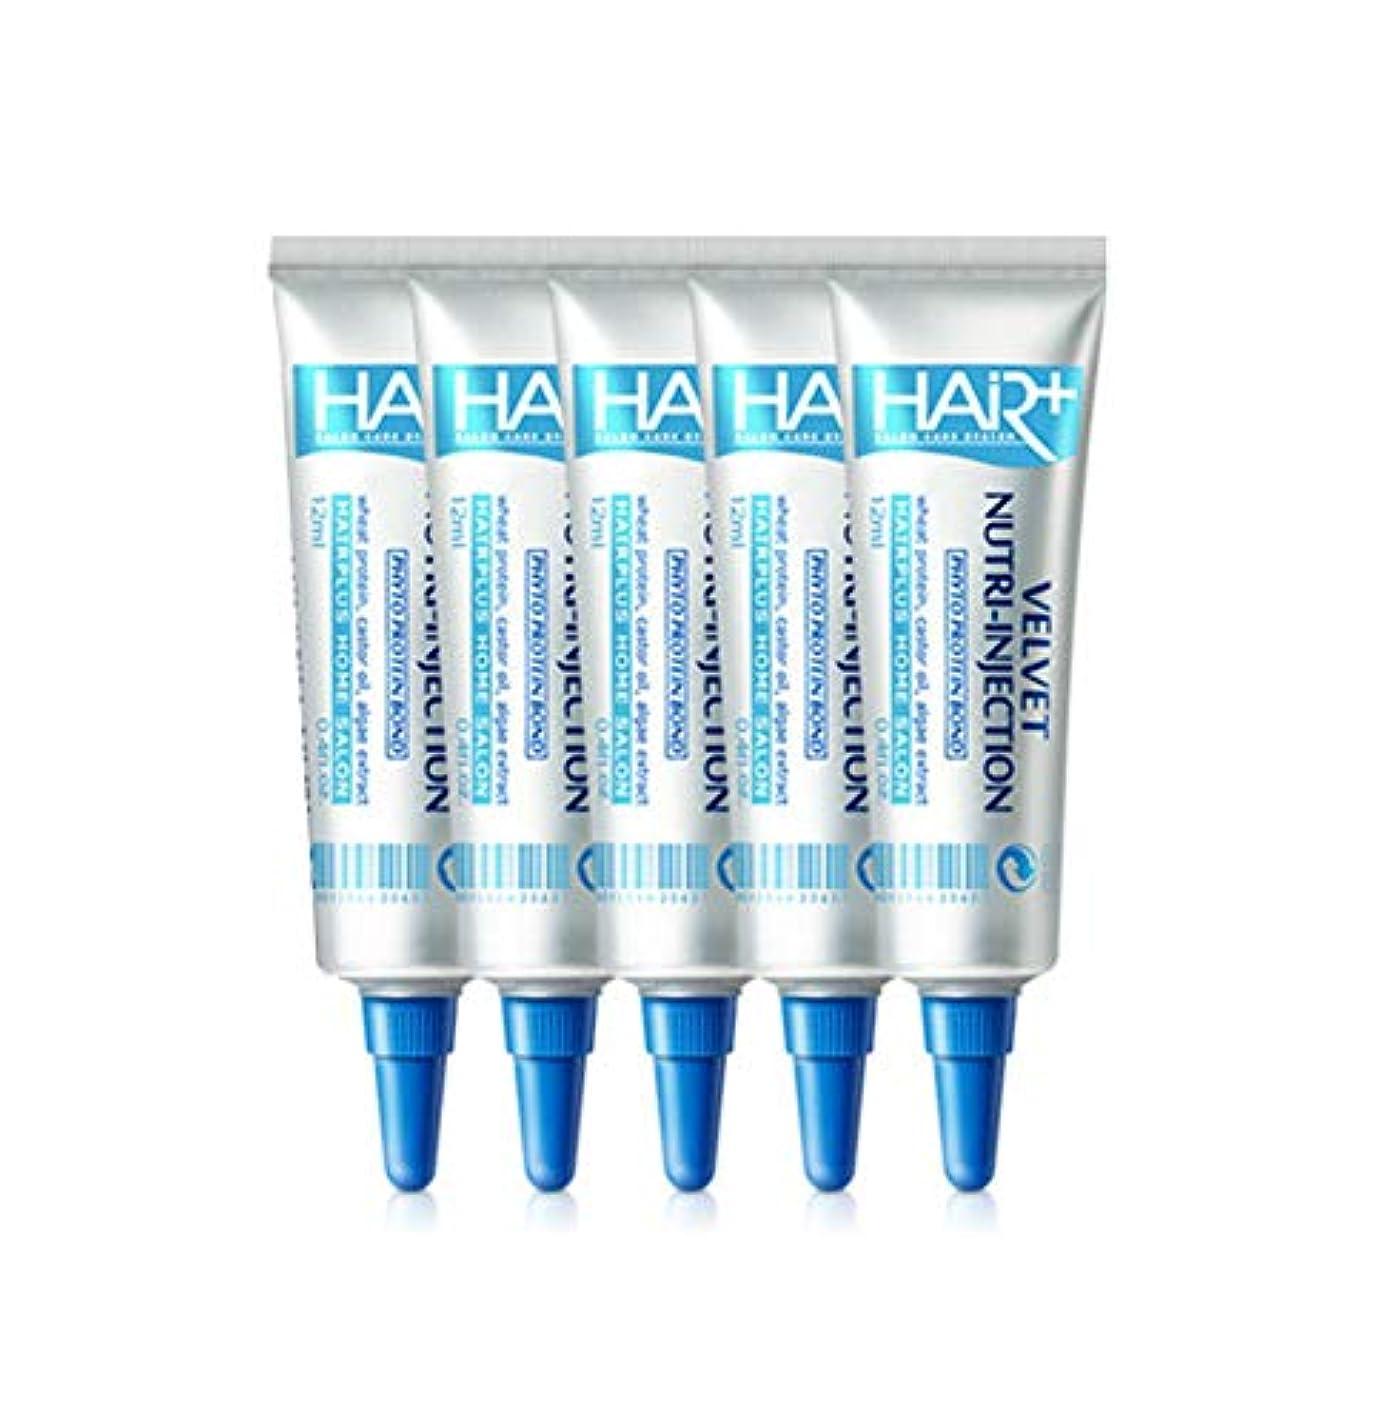 尽きる泣き叫ぶ超越するヘアプラスHairplus韓国コスメヘアタンパク質アンプルヘアケアトリートメント12ml 5個 海外直送品Protein Treatment [並行輸入品]